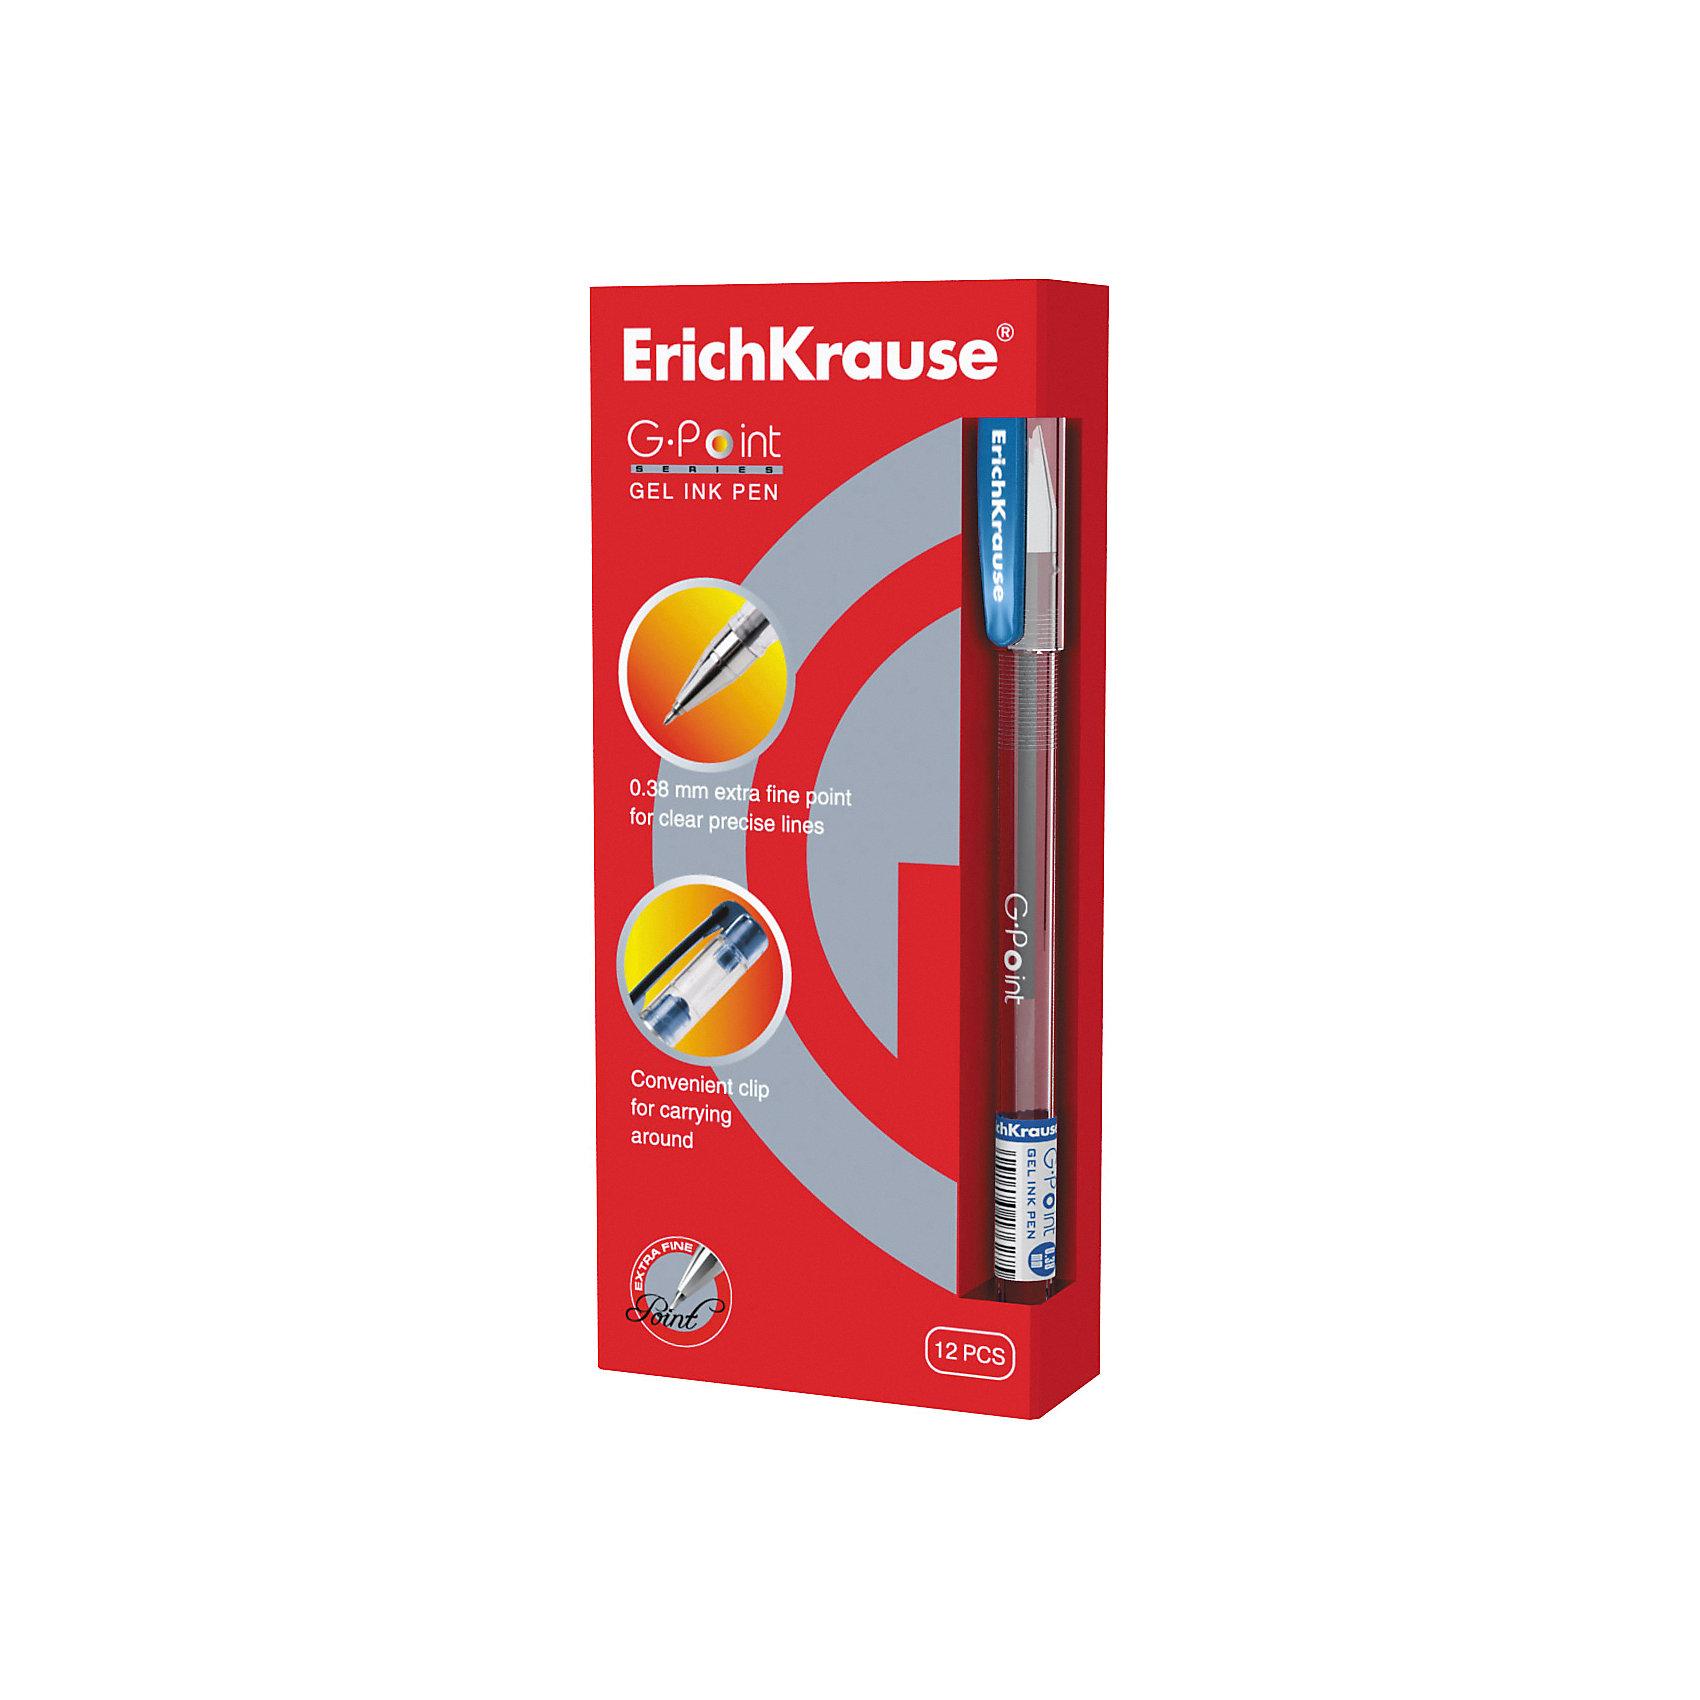 Ручка гелевая G-POINT, 12 шт., Erich KrauseУдобная гелевая ручка с прозрачным корпусом для контроля уровня чернил. Металлизированный наконечник. Пишущий узел 0.38 ммобеспечивает тонкое и четкое письмо. Цвет клипа соответствует цвету чернил. Сменный стержень. Рекомендуется использовать стержень ErichKrause G-POINT.<br><br>Ширина мм: 70<br>Глубина мм: 155<br>Высота мм: 250<br>Вес г: 120<br>Возраст от месяцев: 84<br>Возраст до месяцев: 2147483647<br>Пол: Унисекс<br>Возраст: Детский<br>SKU: 5543299